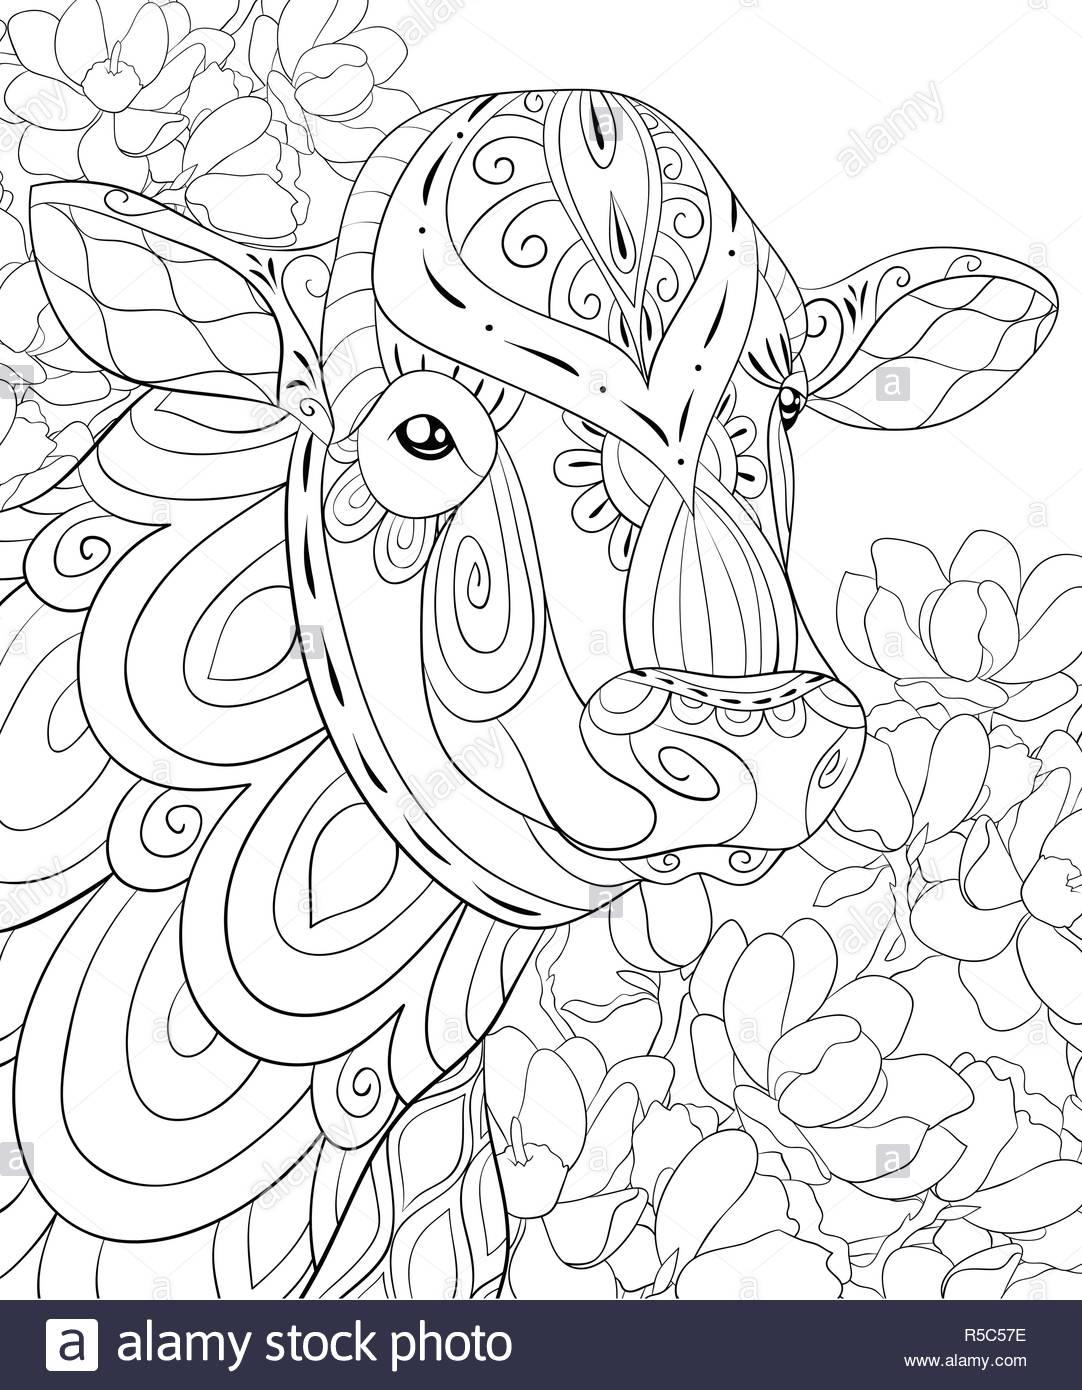 Una Linda Cabeza De Vaca Con Zen Ornamentos Florales La Imagen De La